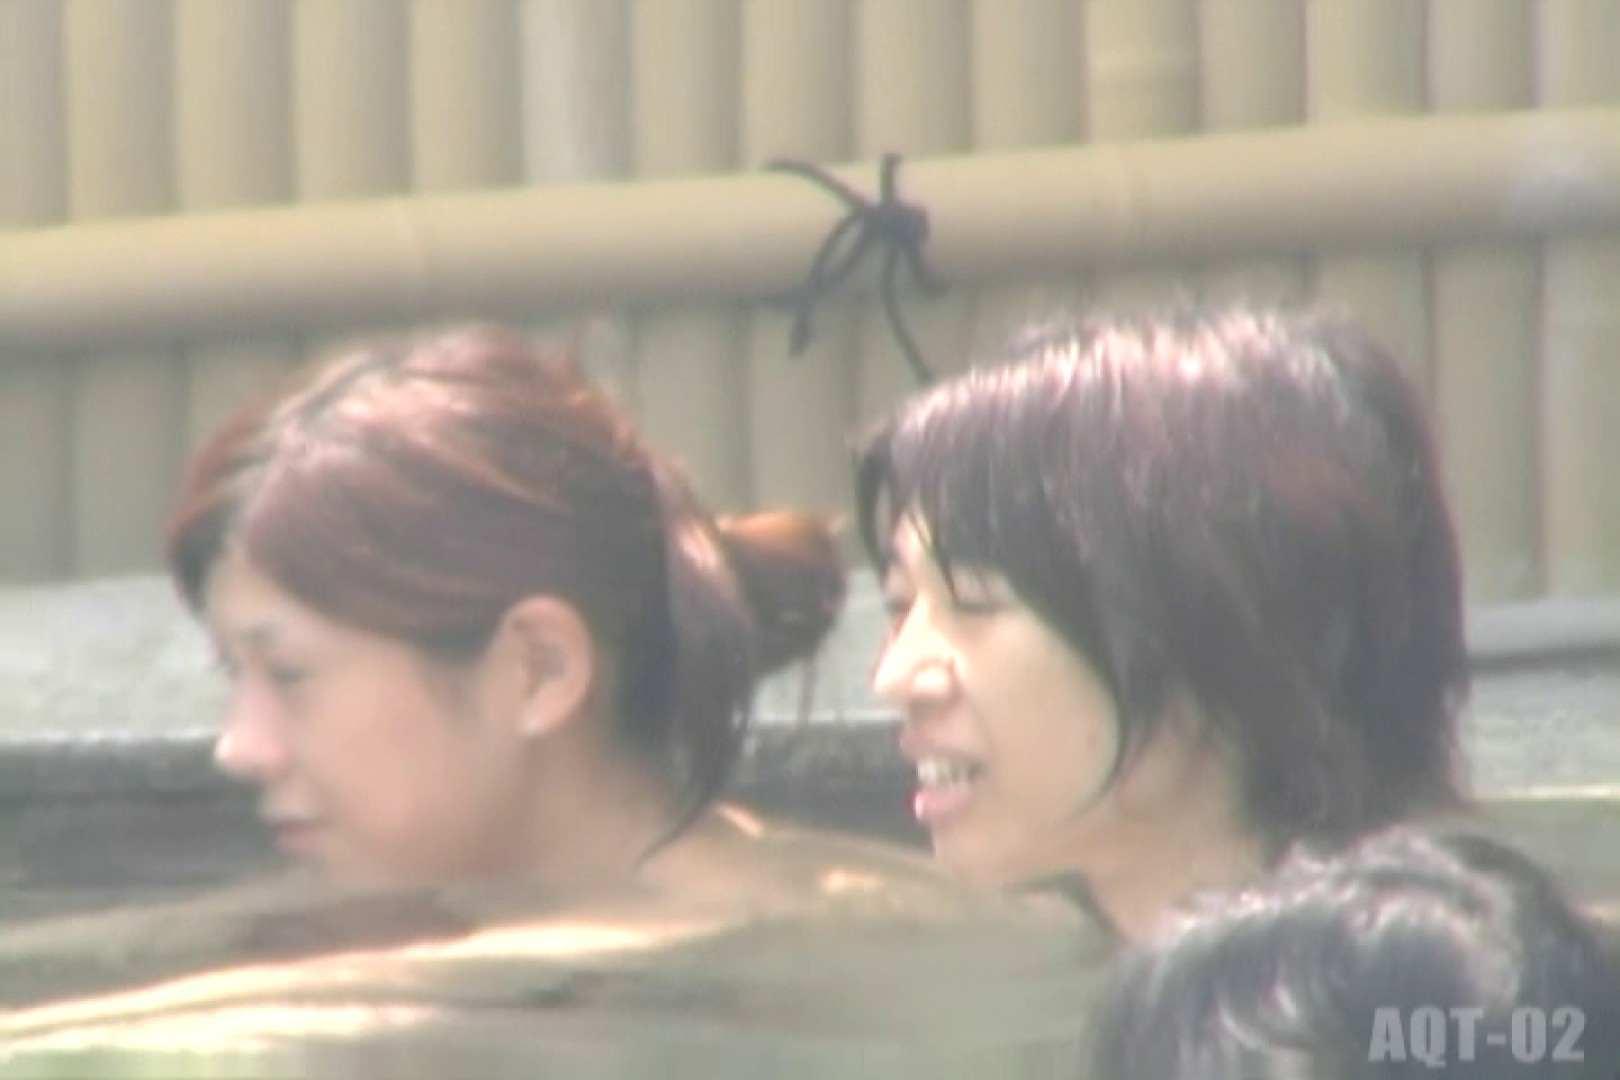 Aquaな露天風呂Vol.726 盗撮師作品 のぞき動画画像 70pic 29